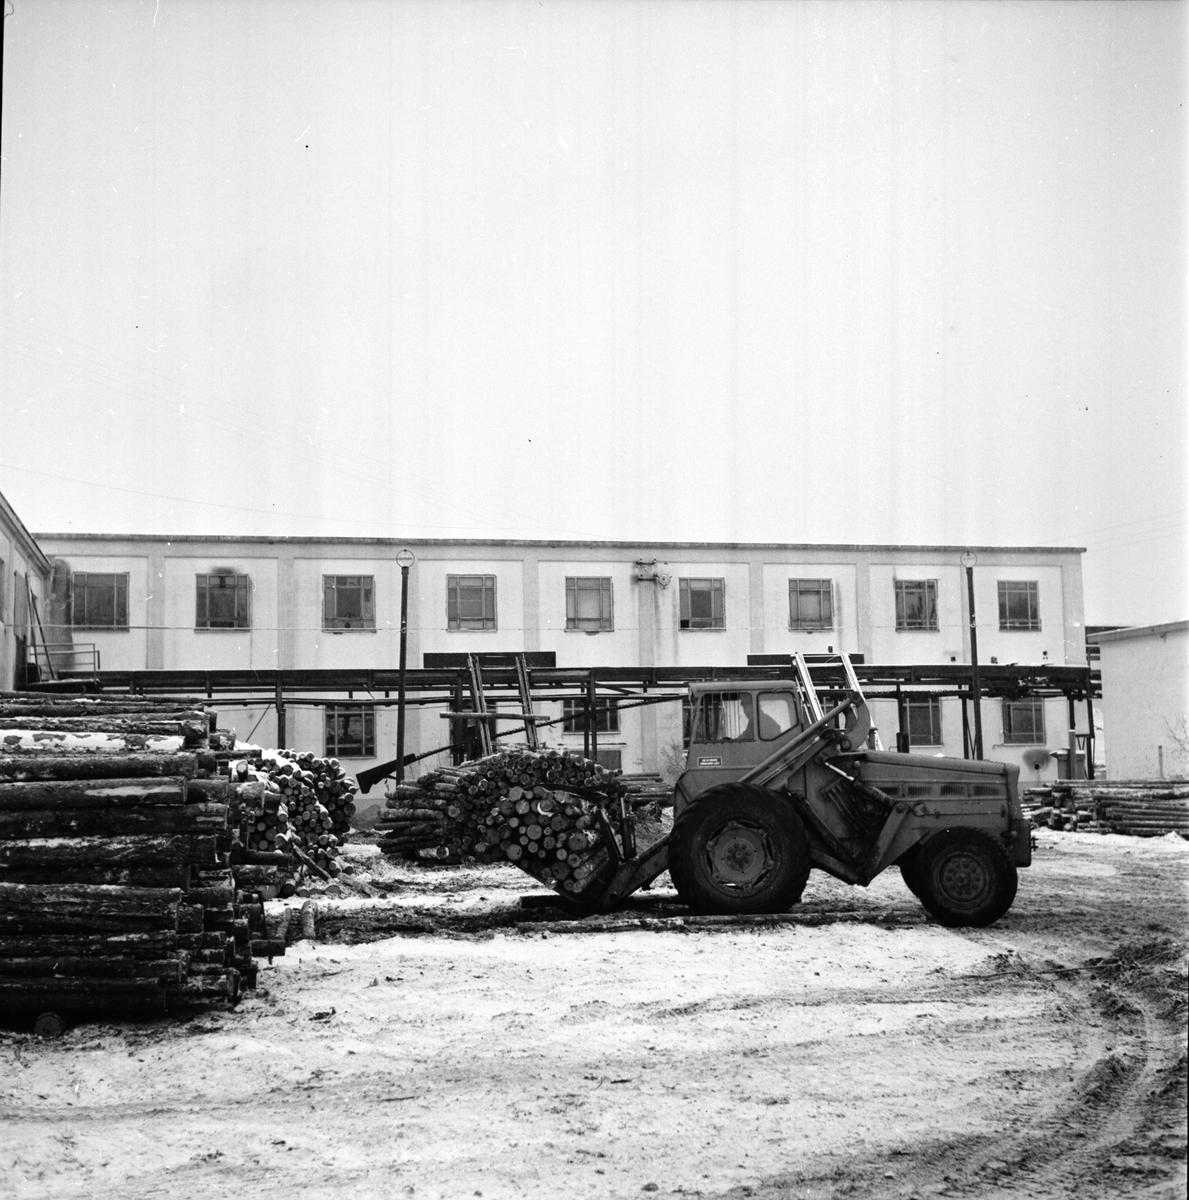 Midnäs, Sågen, utlastning, 23 Nov 1966